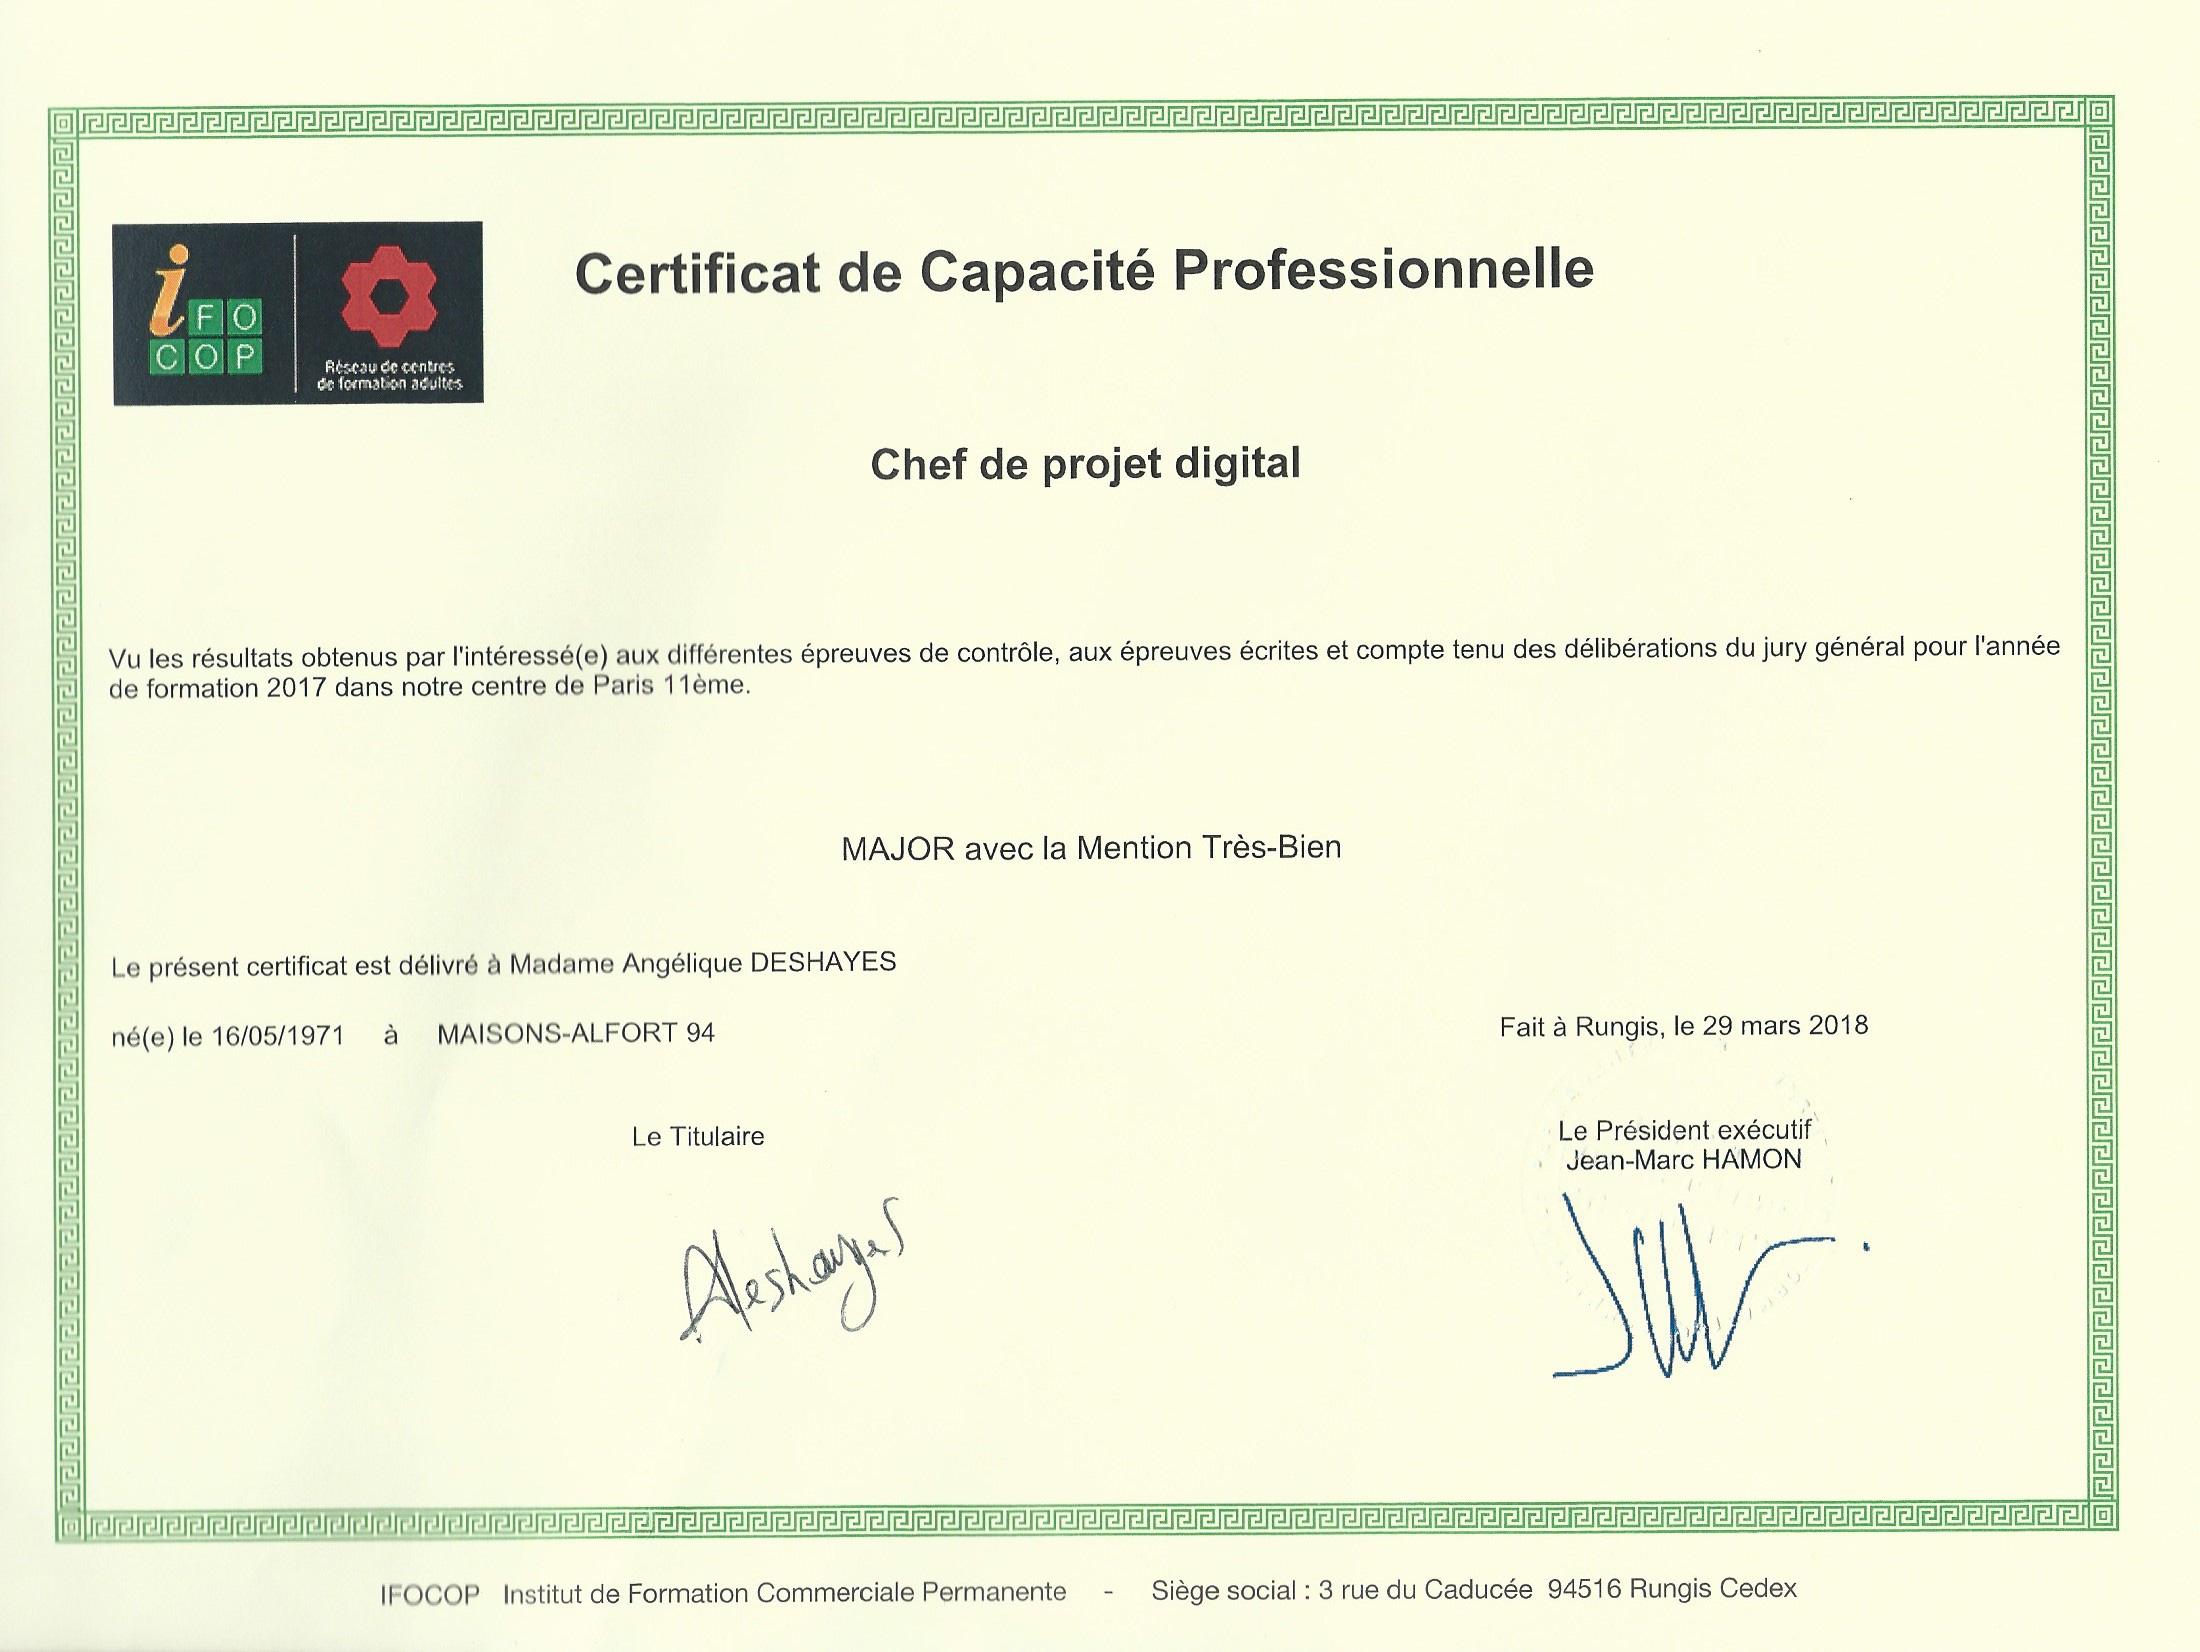 Certification de Capacité Professionnelle - CP Digital